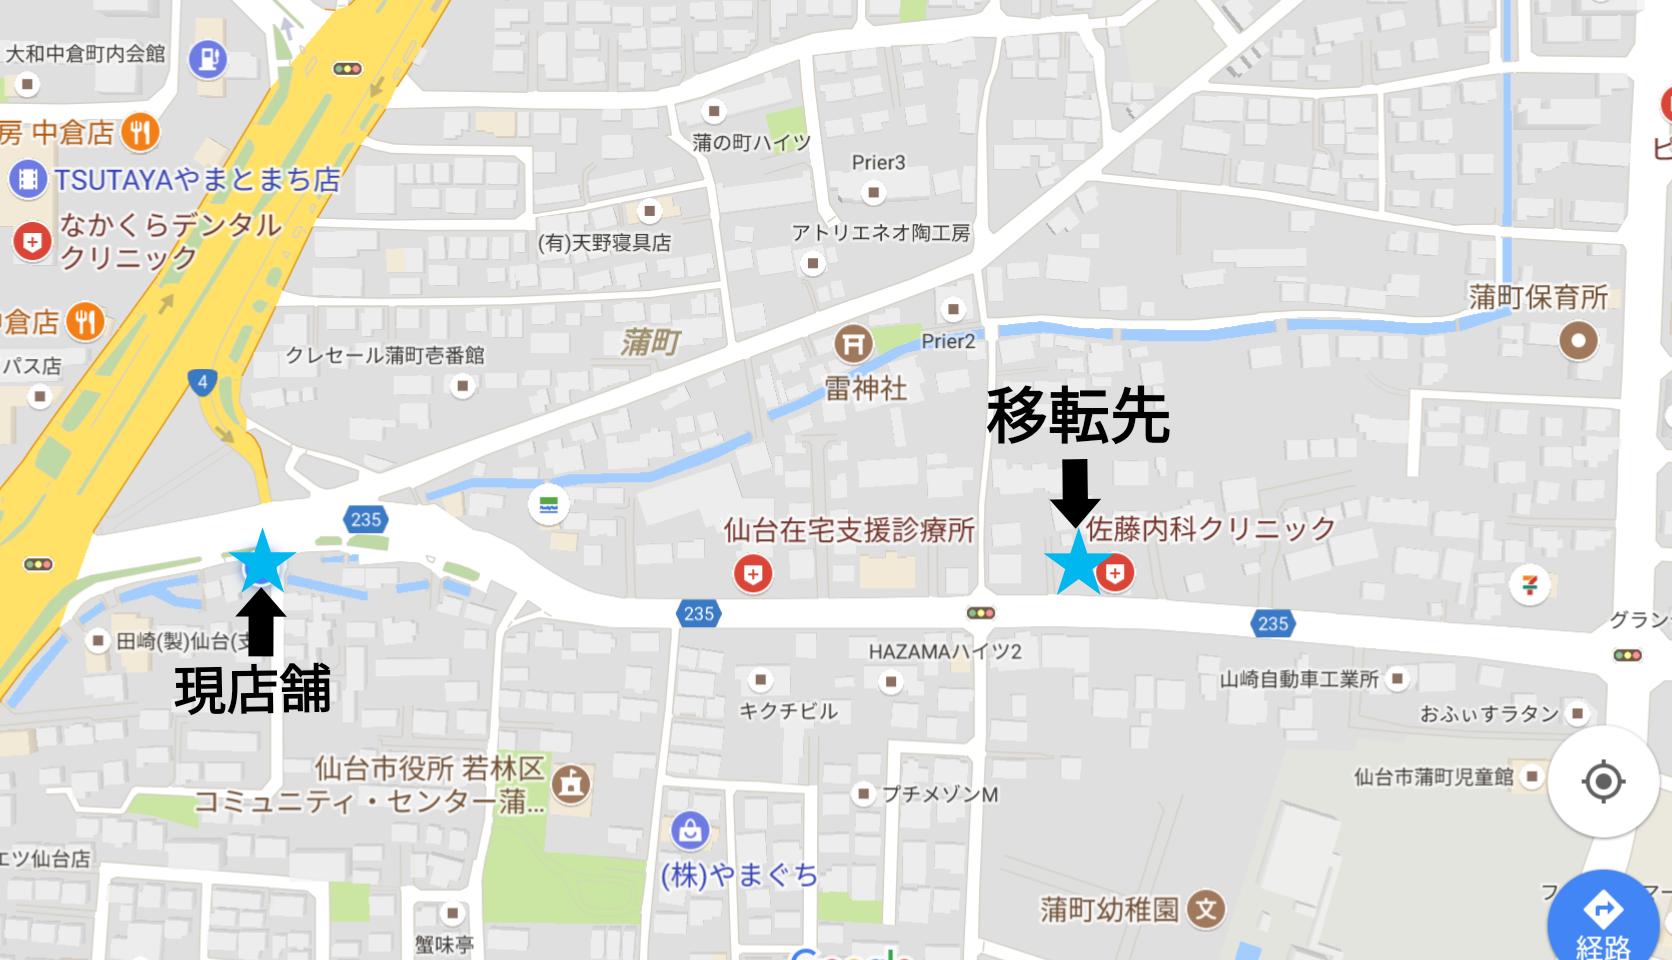 ★店舗移転についてのお知らせ★詳細